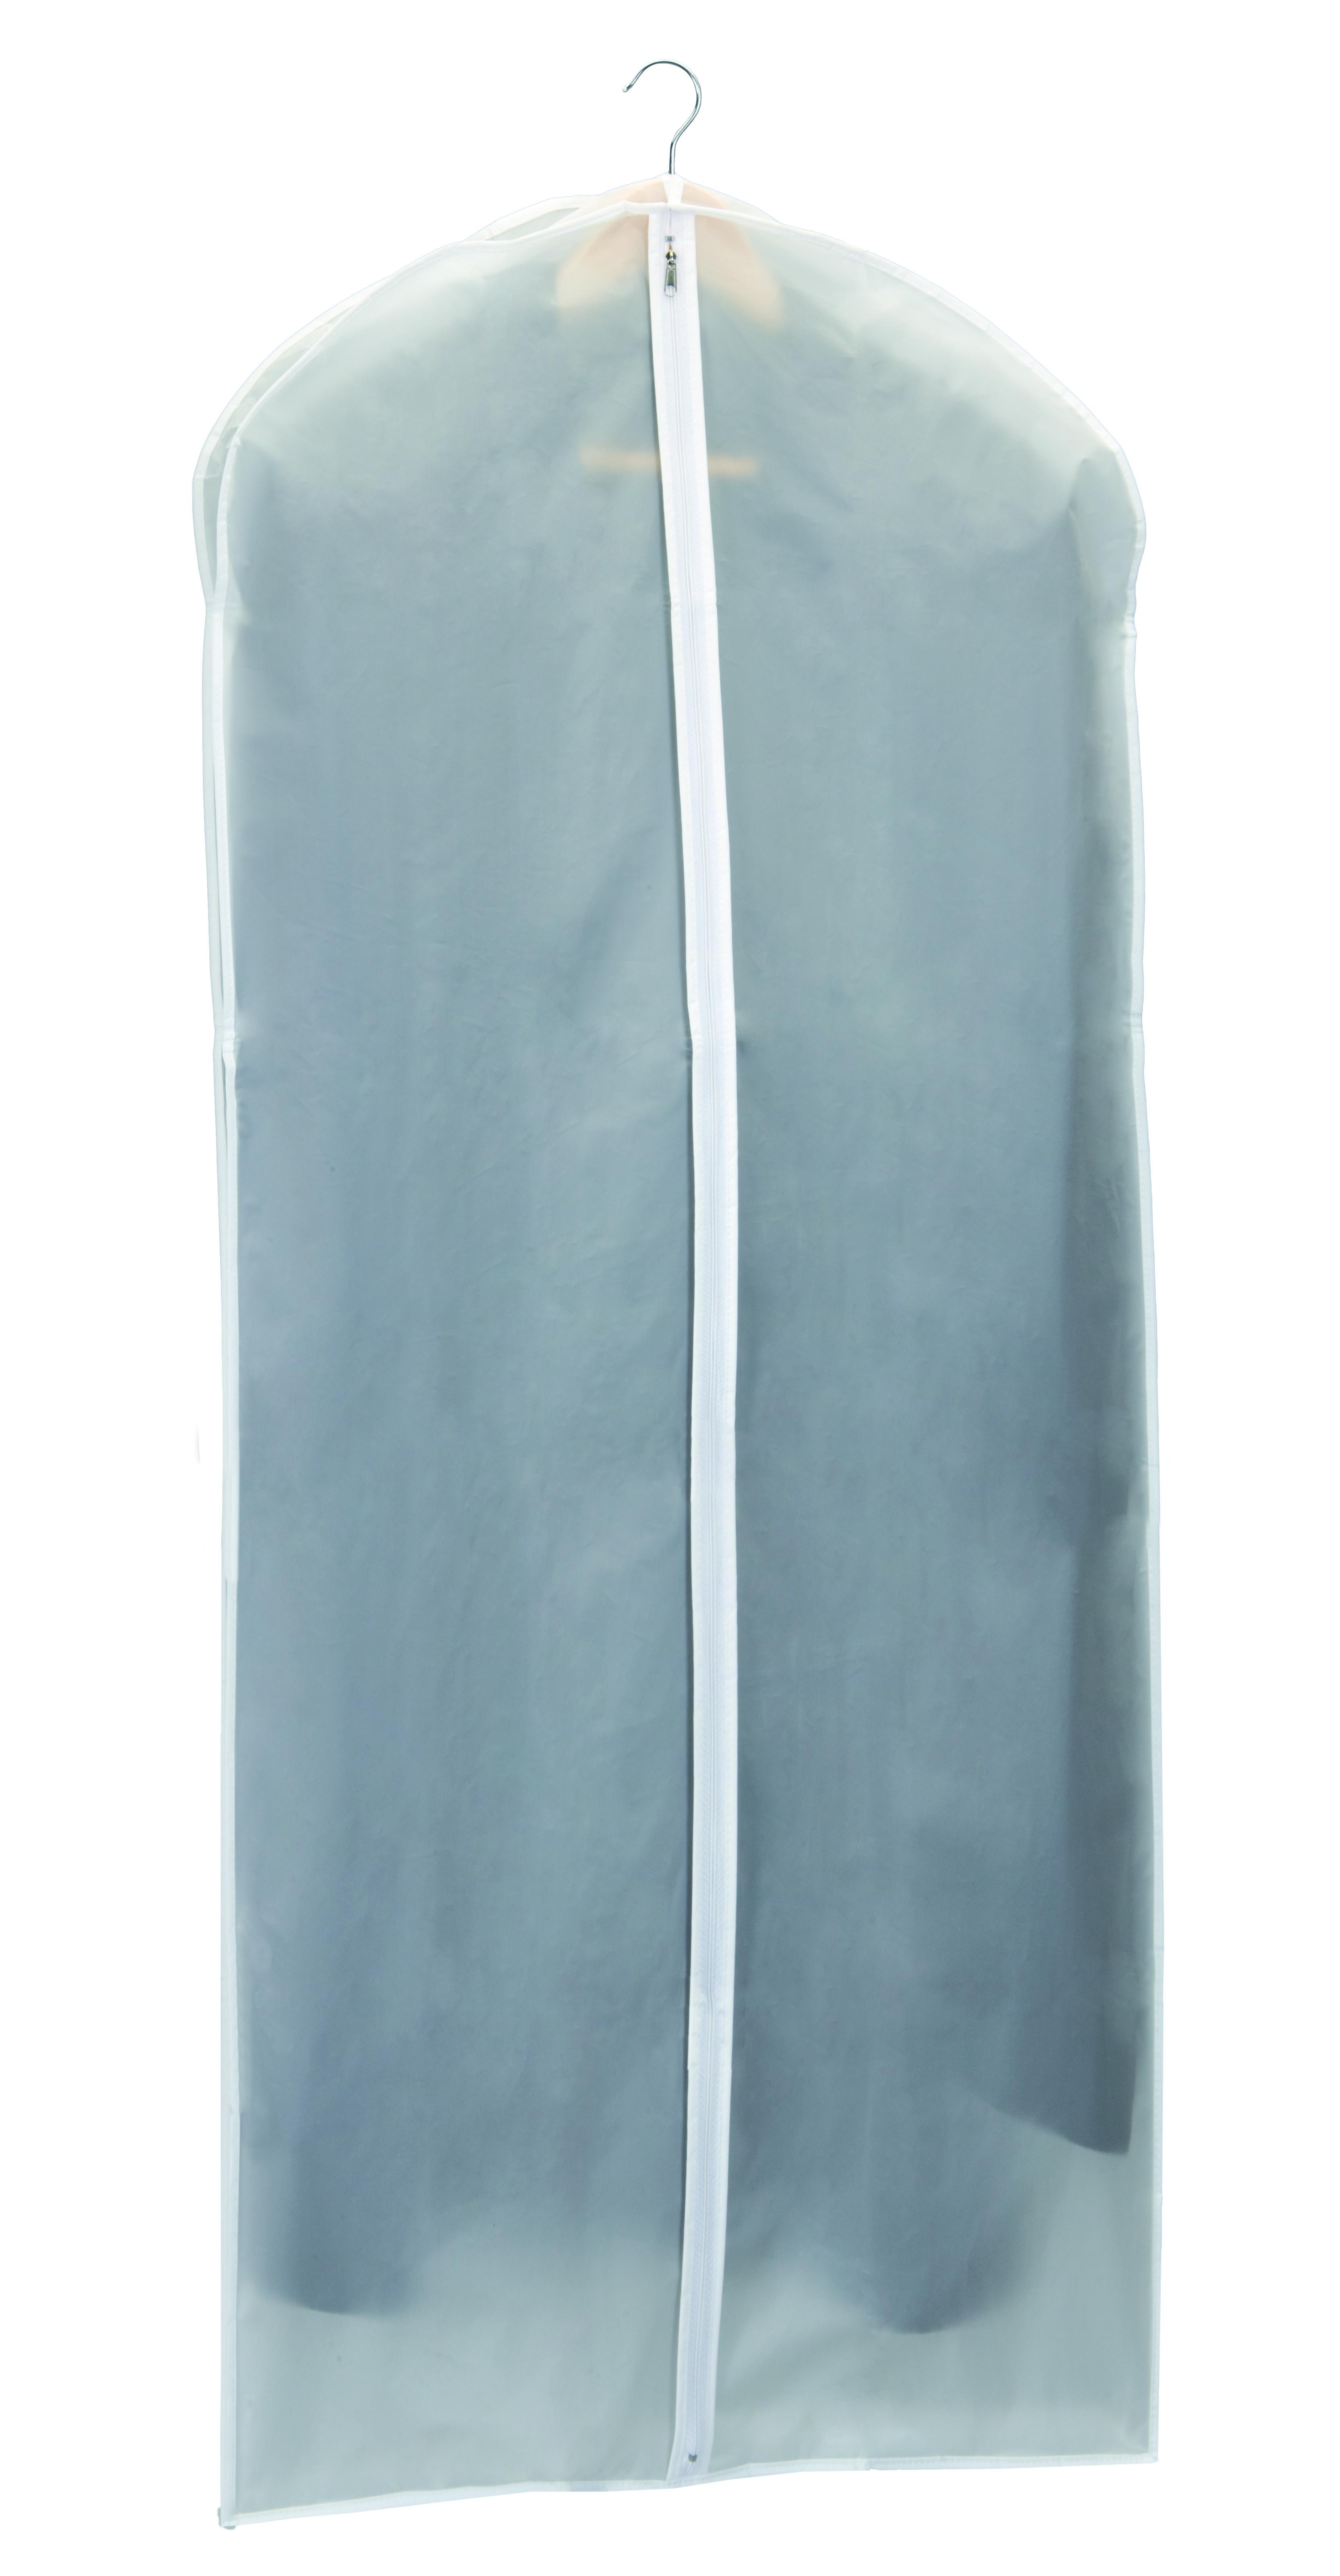 Σάκος Φύλαξης Παλτού-Φορέματος 60x135εκ. 751006 - ORDINETT - 751006